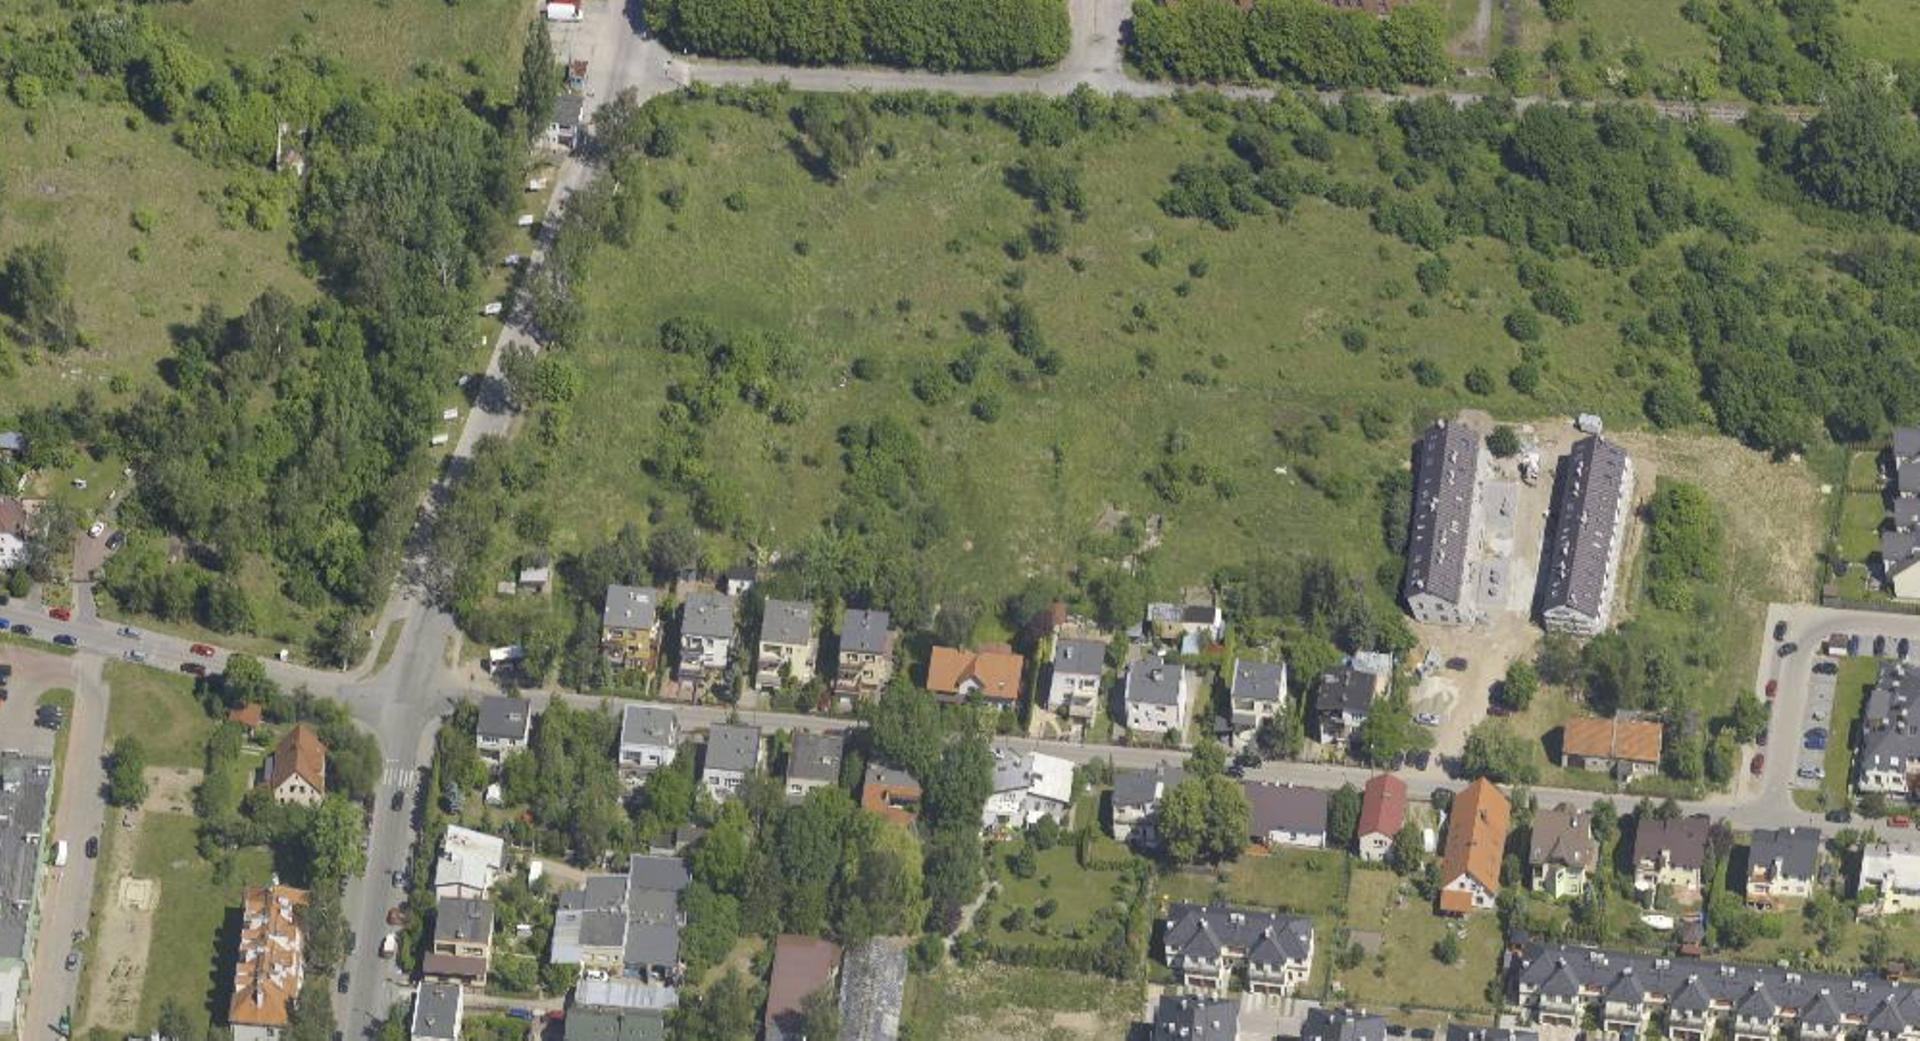 Wrocław: Miasto sprzeda działkę na Maślicach pod osiedle. Mieszkańcy obawiają się o dojazd